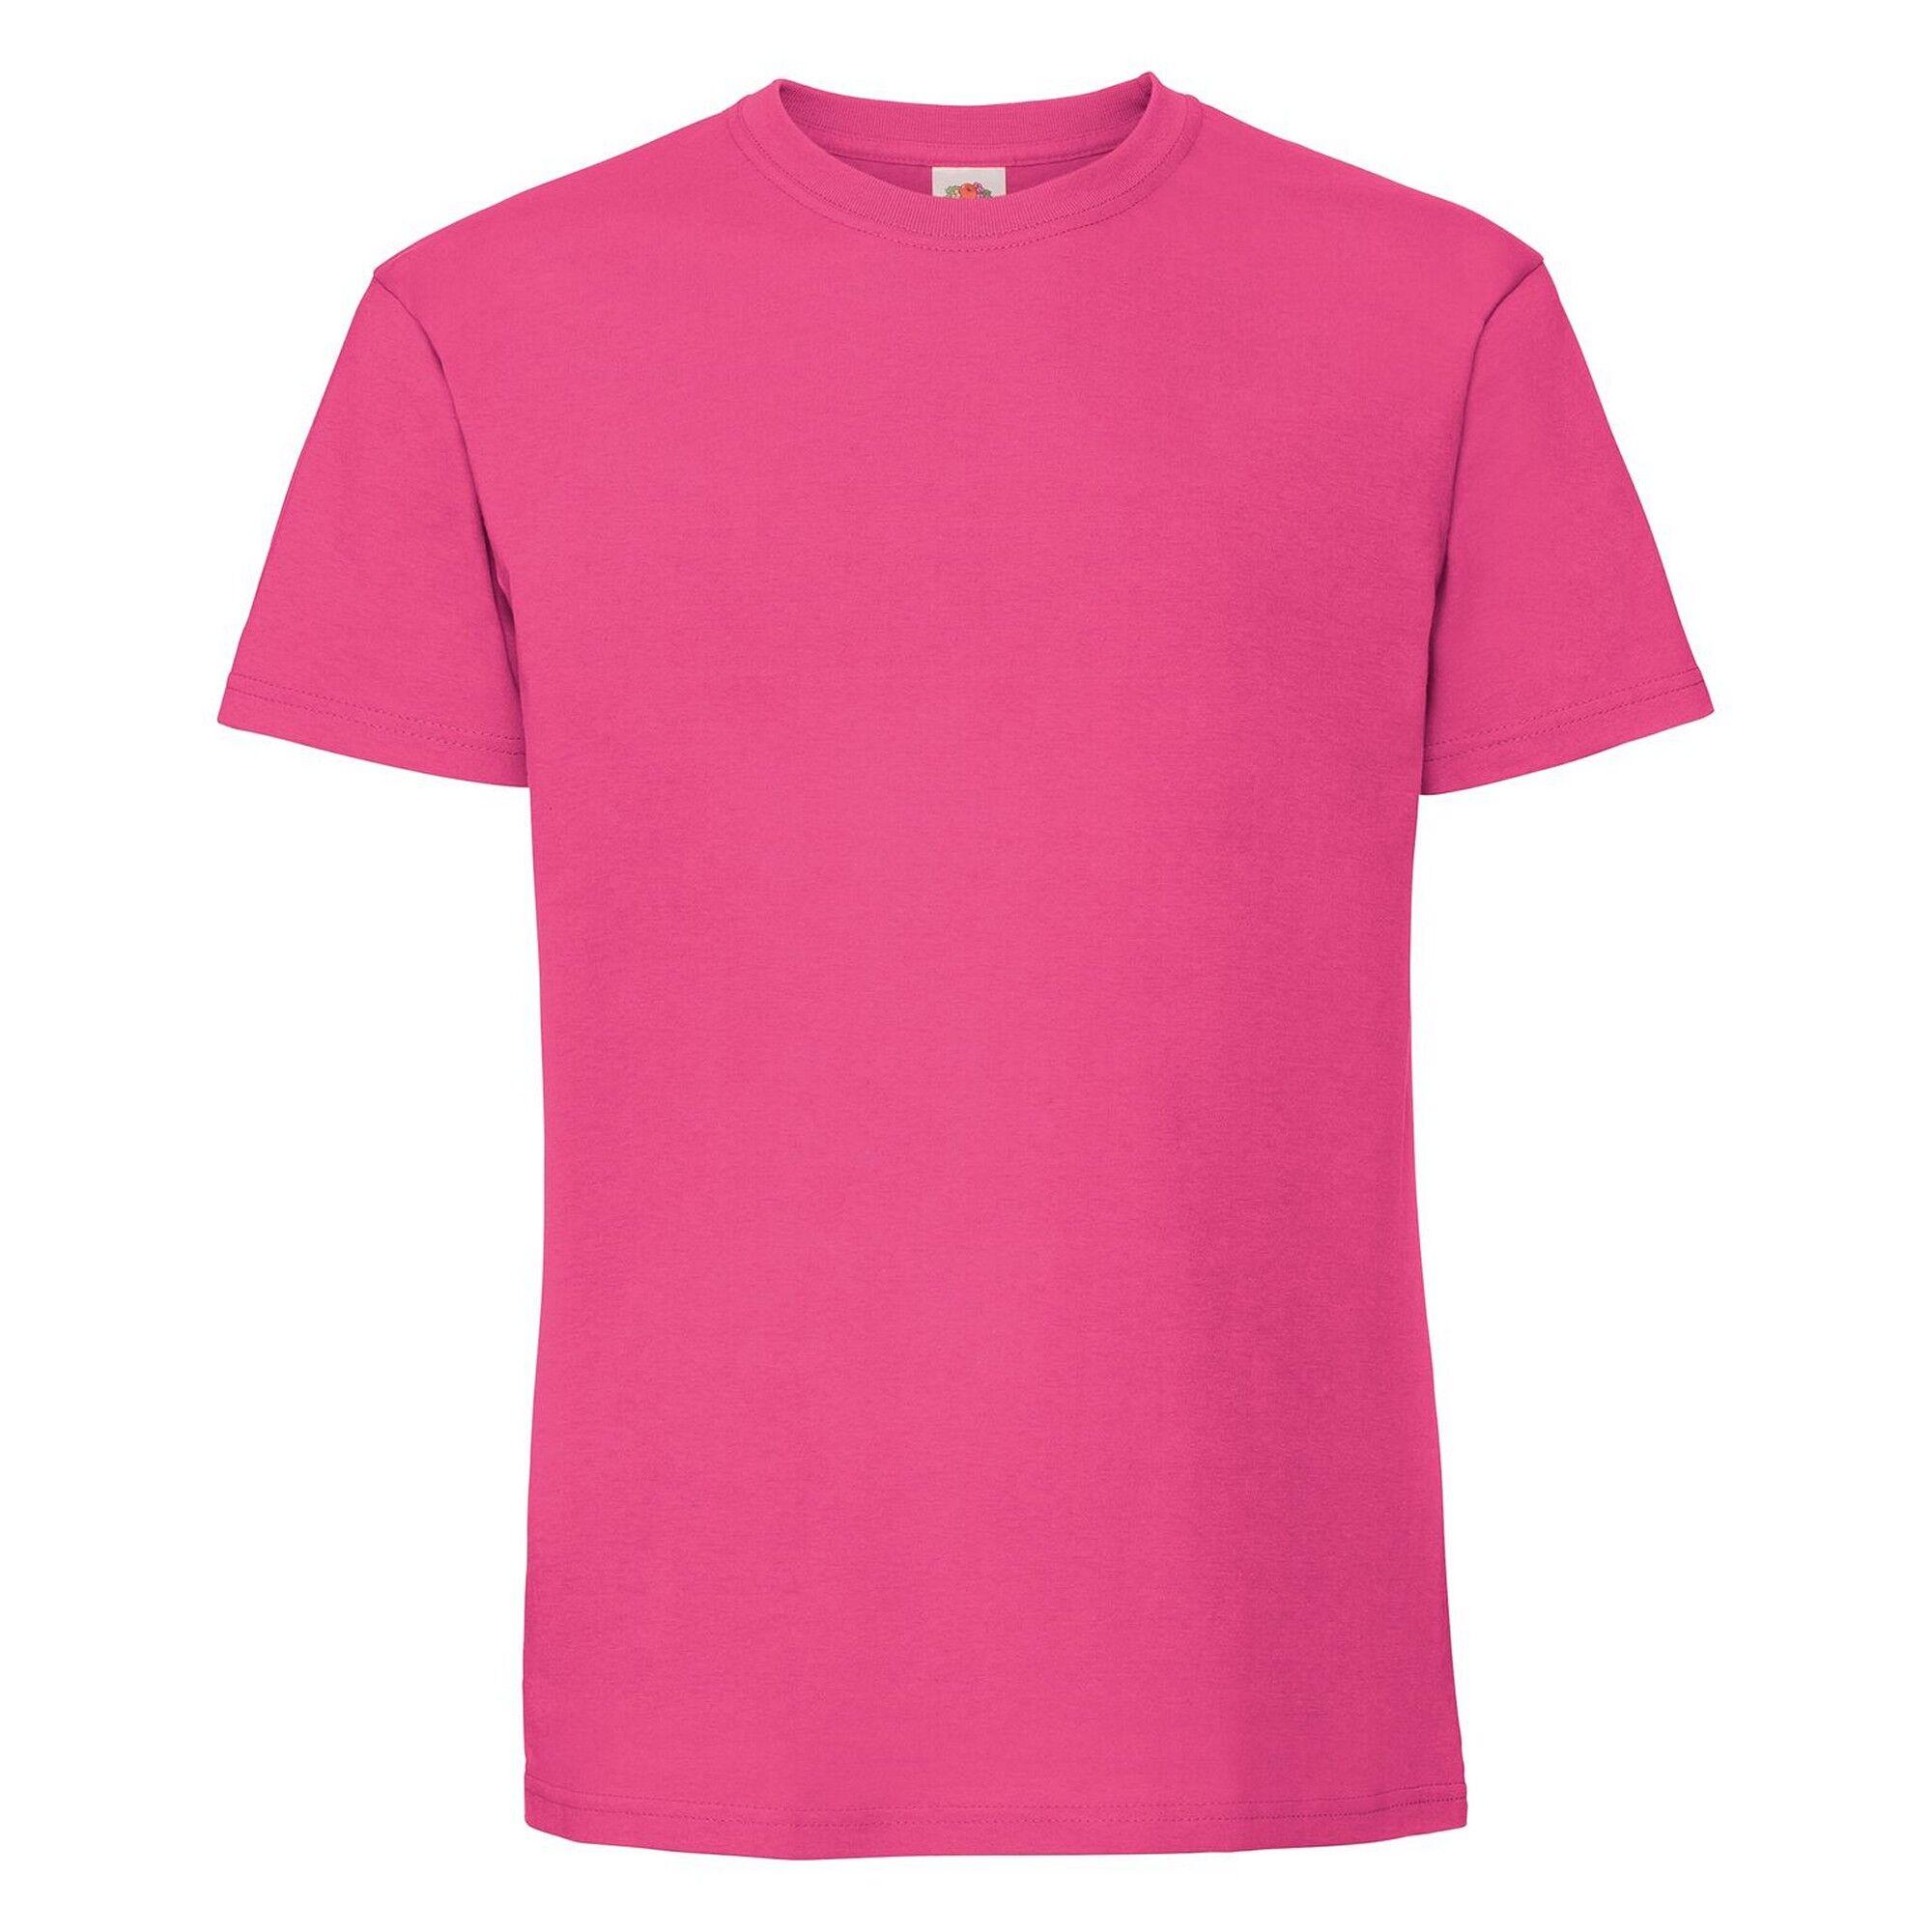 Fruit Of The Loom - T-Shirt Ringspun Premium - Homme (Fuchsia) - UTPC3033